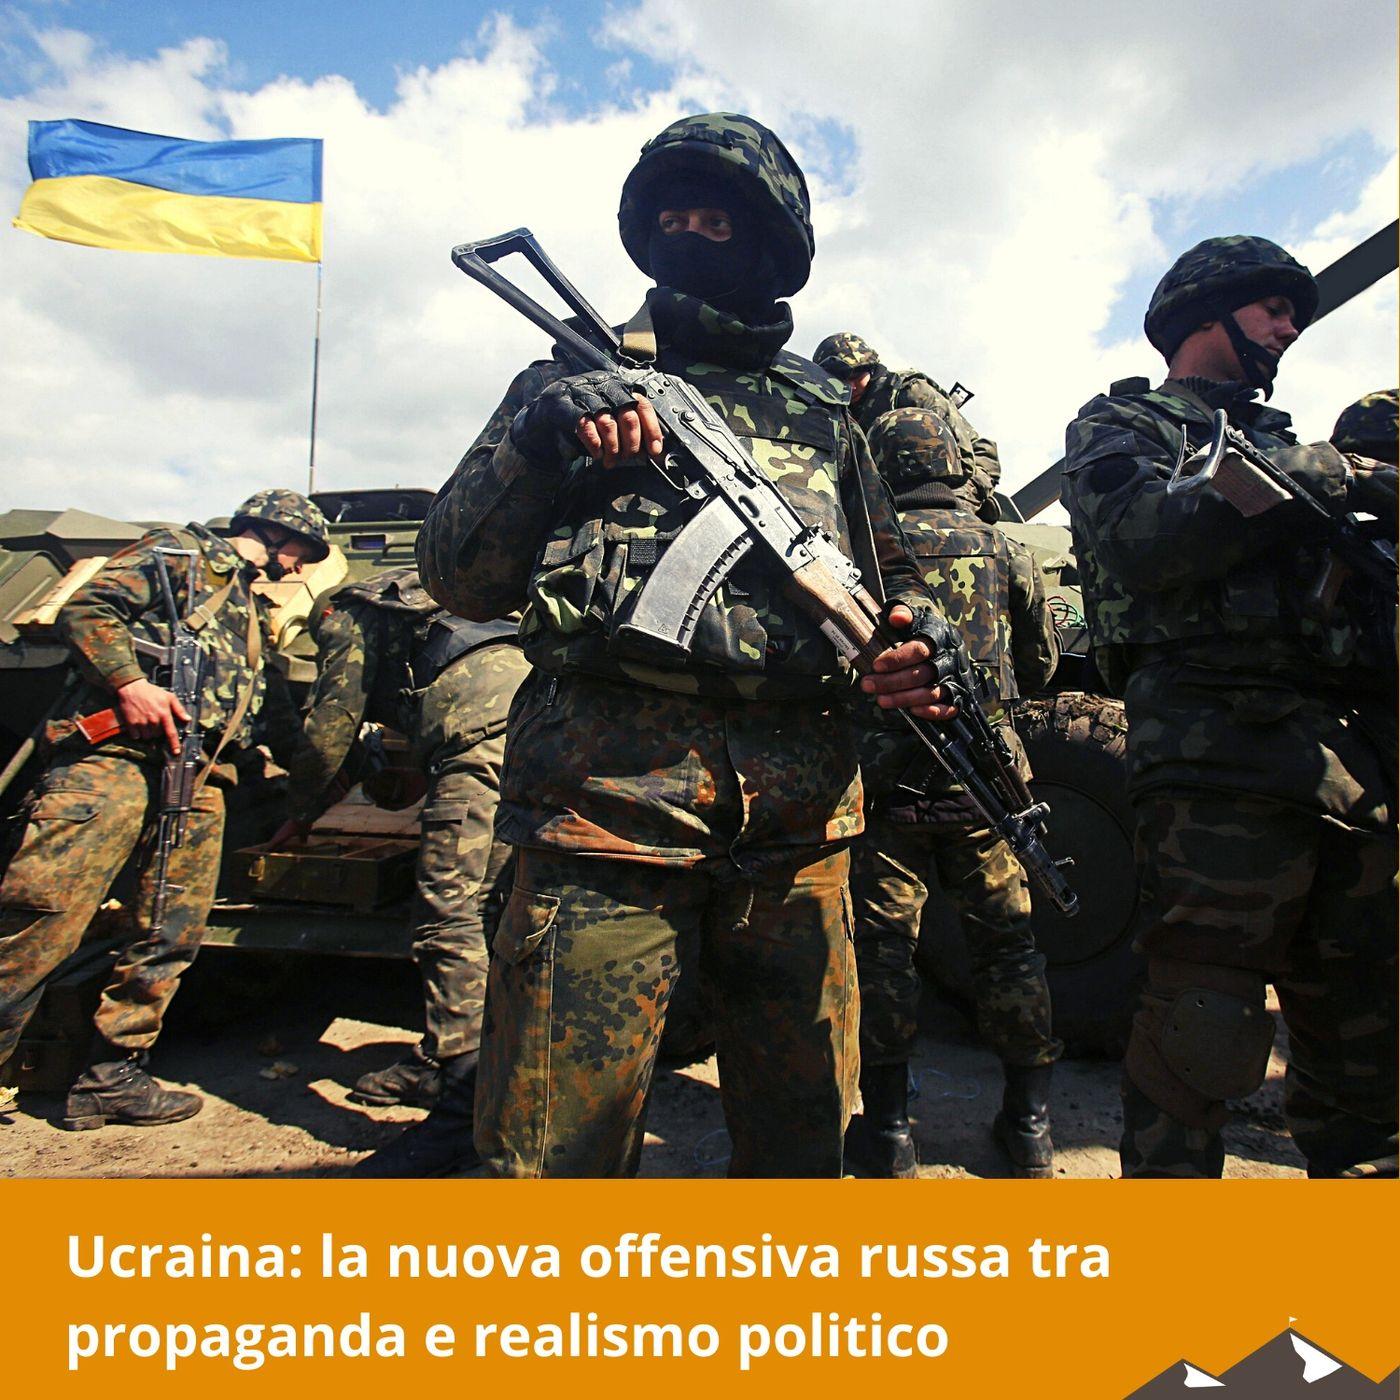 Ucraina: la nuova offensiva russa tra propaganda e realismo politico